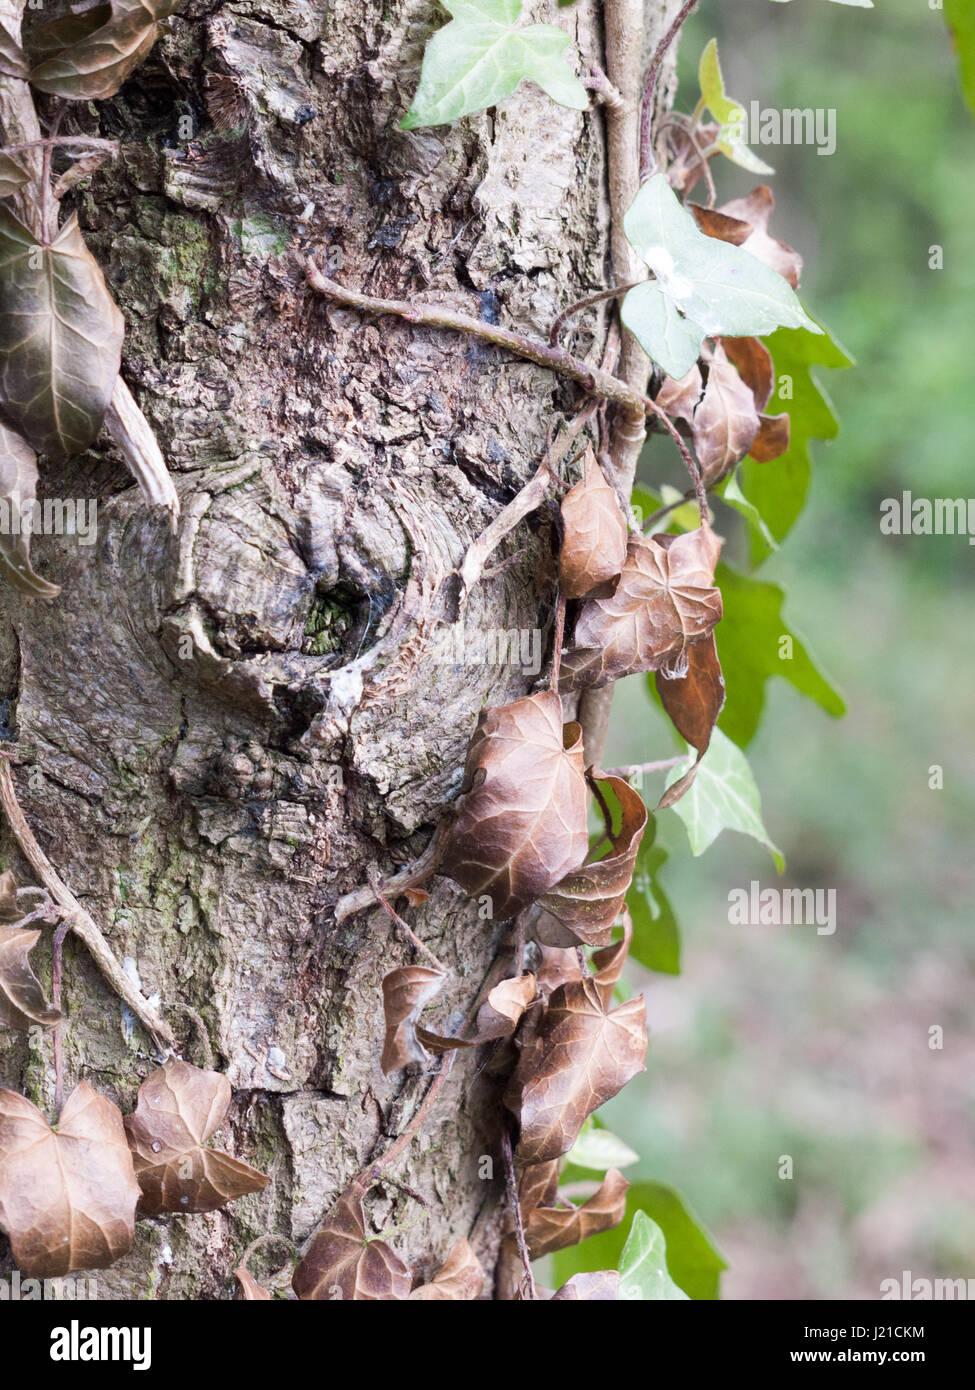 Un tas de feuilles mortes Vu du côté de l'écorce d'un tronc d'arbre dans la forêt au printemps Banque D'Images